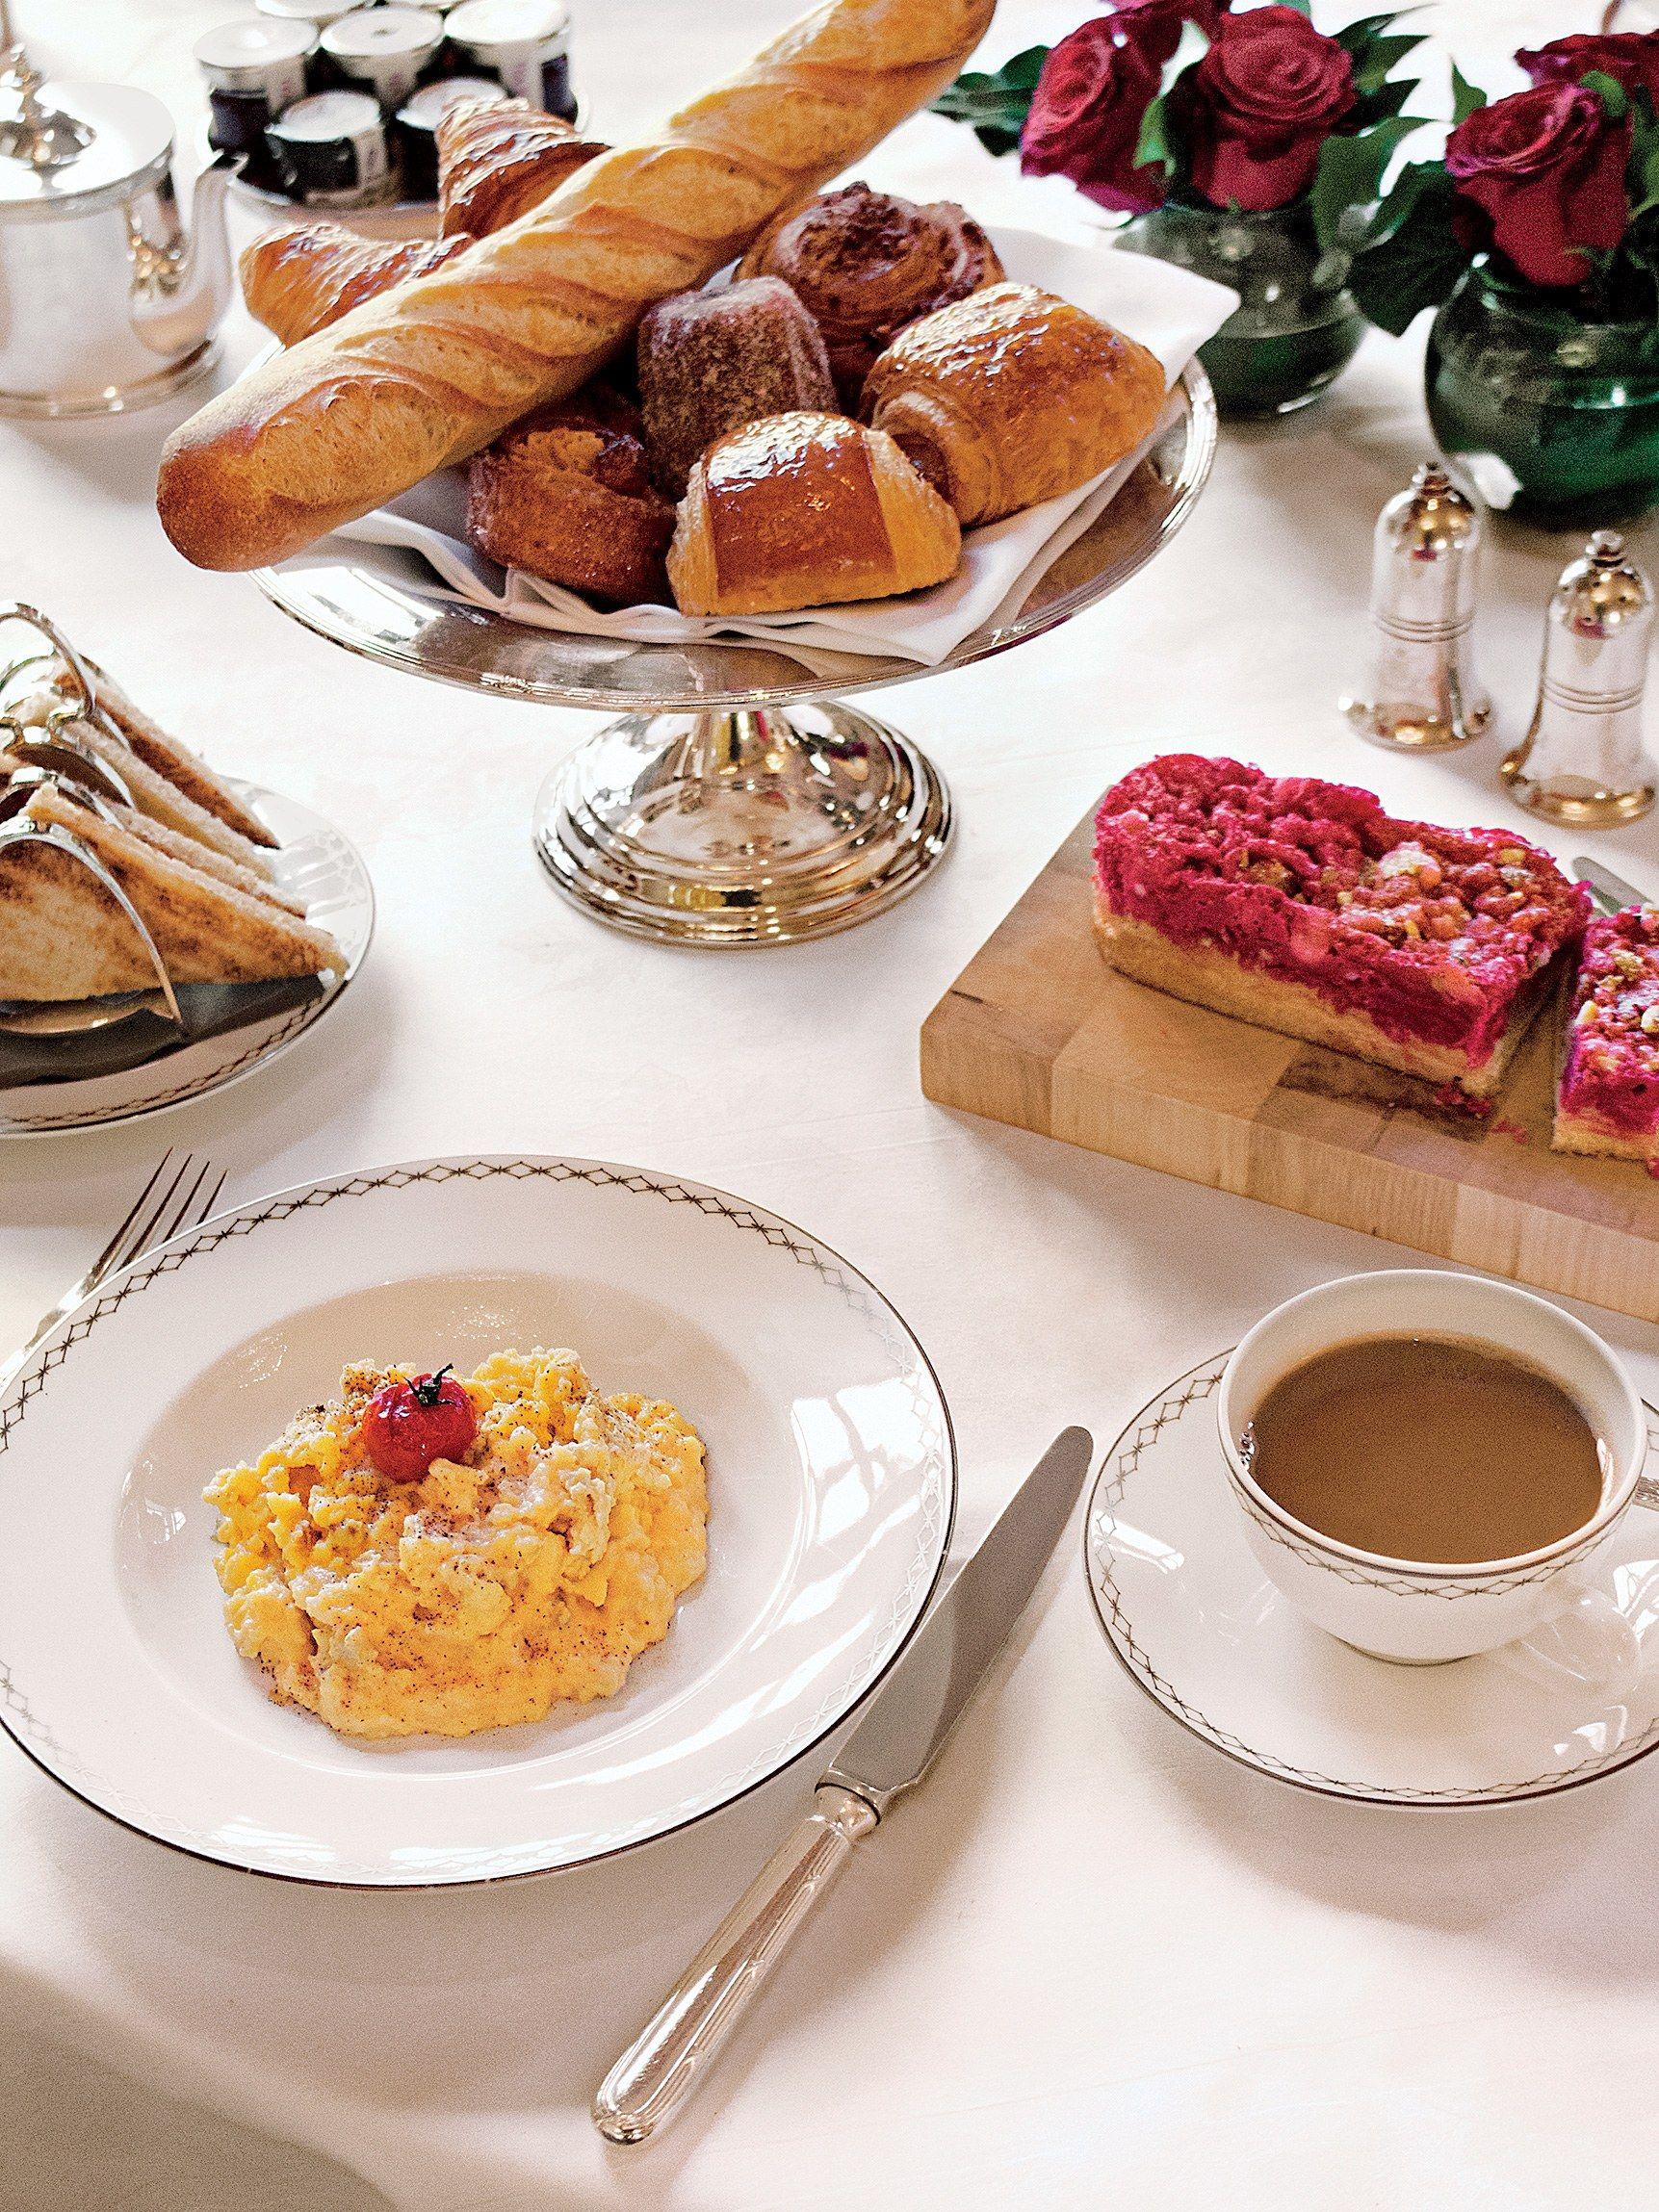 The Best Hotel Breakfasts In The World Hotel Breakfast Food